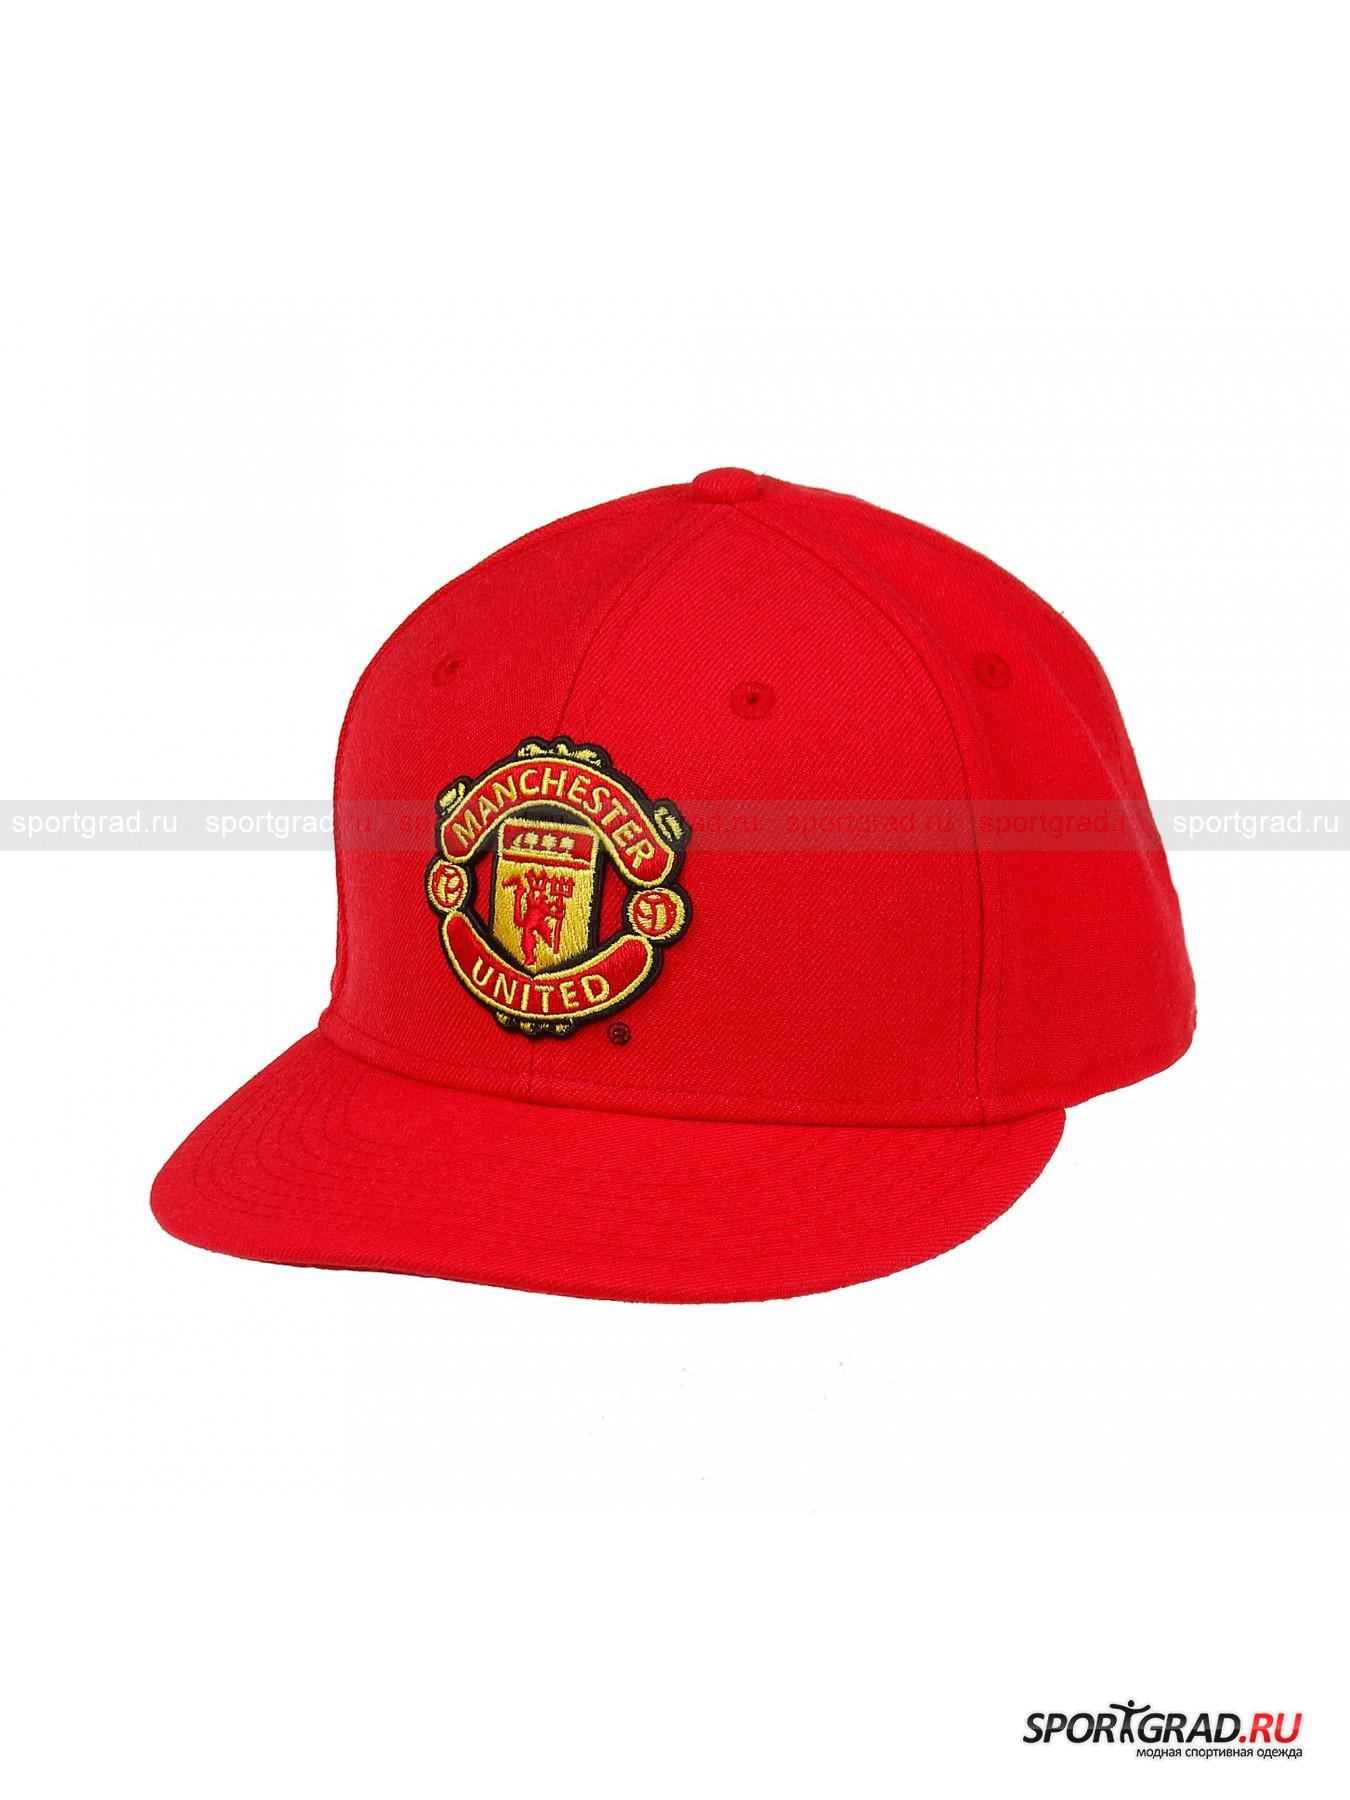 Бейсболка NIKE TRUE MANUГоловные Уборы<br>Nike уже на протяжении долгих лет занимается производством клубной атрибутики футбольных команд, стараясь акцентировать свое внимание на самых знаменитых и успешных представителях современности.<br><br>Представленная бейсболка TRUE MANU посвящена футбольному клубу «Манчестер Юнайтед», который достаточно долгое время продолжает оставаться самой популярной командой в мире. Шестипанельная модель с прямым козырьком изготовлена из натуральной шерсти, что делает ее актуальной в период прохладной погоды. Стильный дизайн и приобщенность к streetwear – дань последним модным трендам.<br><br>•Классическая шестипанельная модель<br>•Вшитый логотип «Манчестер Юнайтед»<br>•Фирменный логотип компании<br><br>Пол: Мужской<br>Возраст: Взрослый<br>Тип: Головные Уборы<br>Рекомендации по уходу: Не стирать, не отбеливать, не сушить в барабане стиральной машины, не гладить, химчистка разрешена.<br>Состав: 100% шерсть.